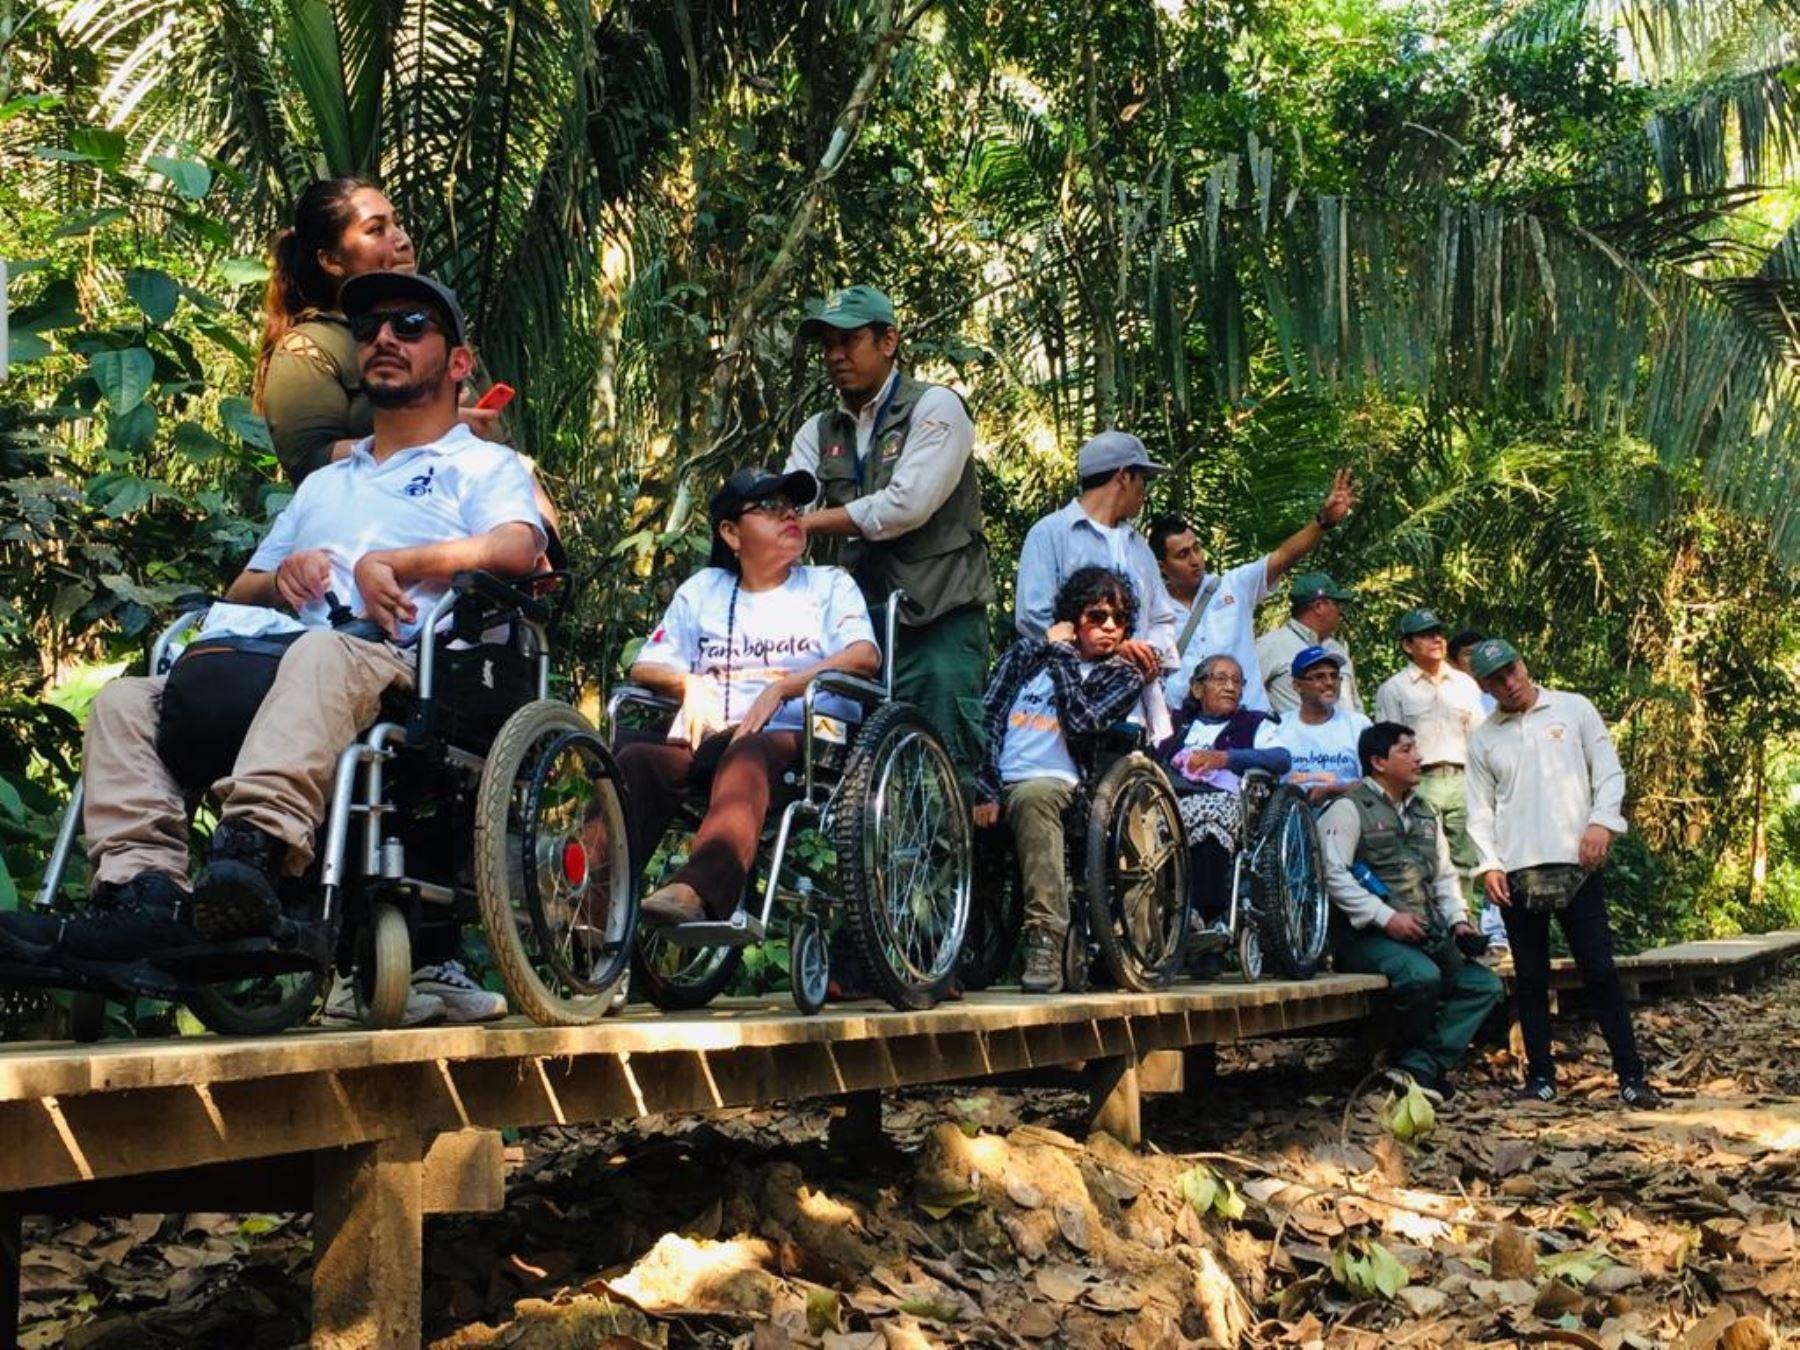 Tambopata presenta una oferta de turismo inclusivo para personas con discapacidad, adultos mayores y personas con niños pequeños. Foto: ANDINA/Sernanp